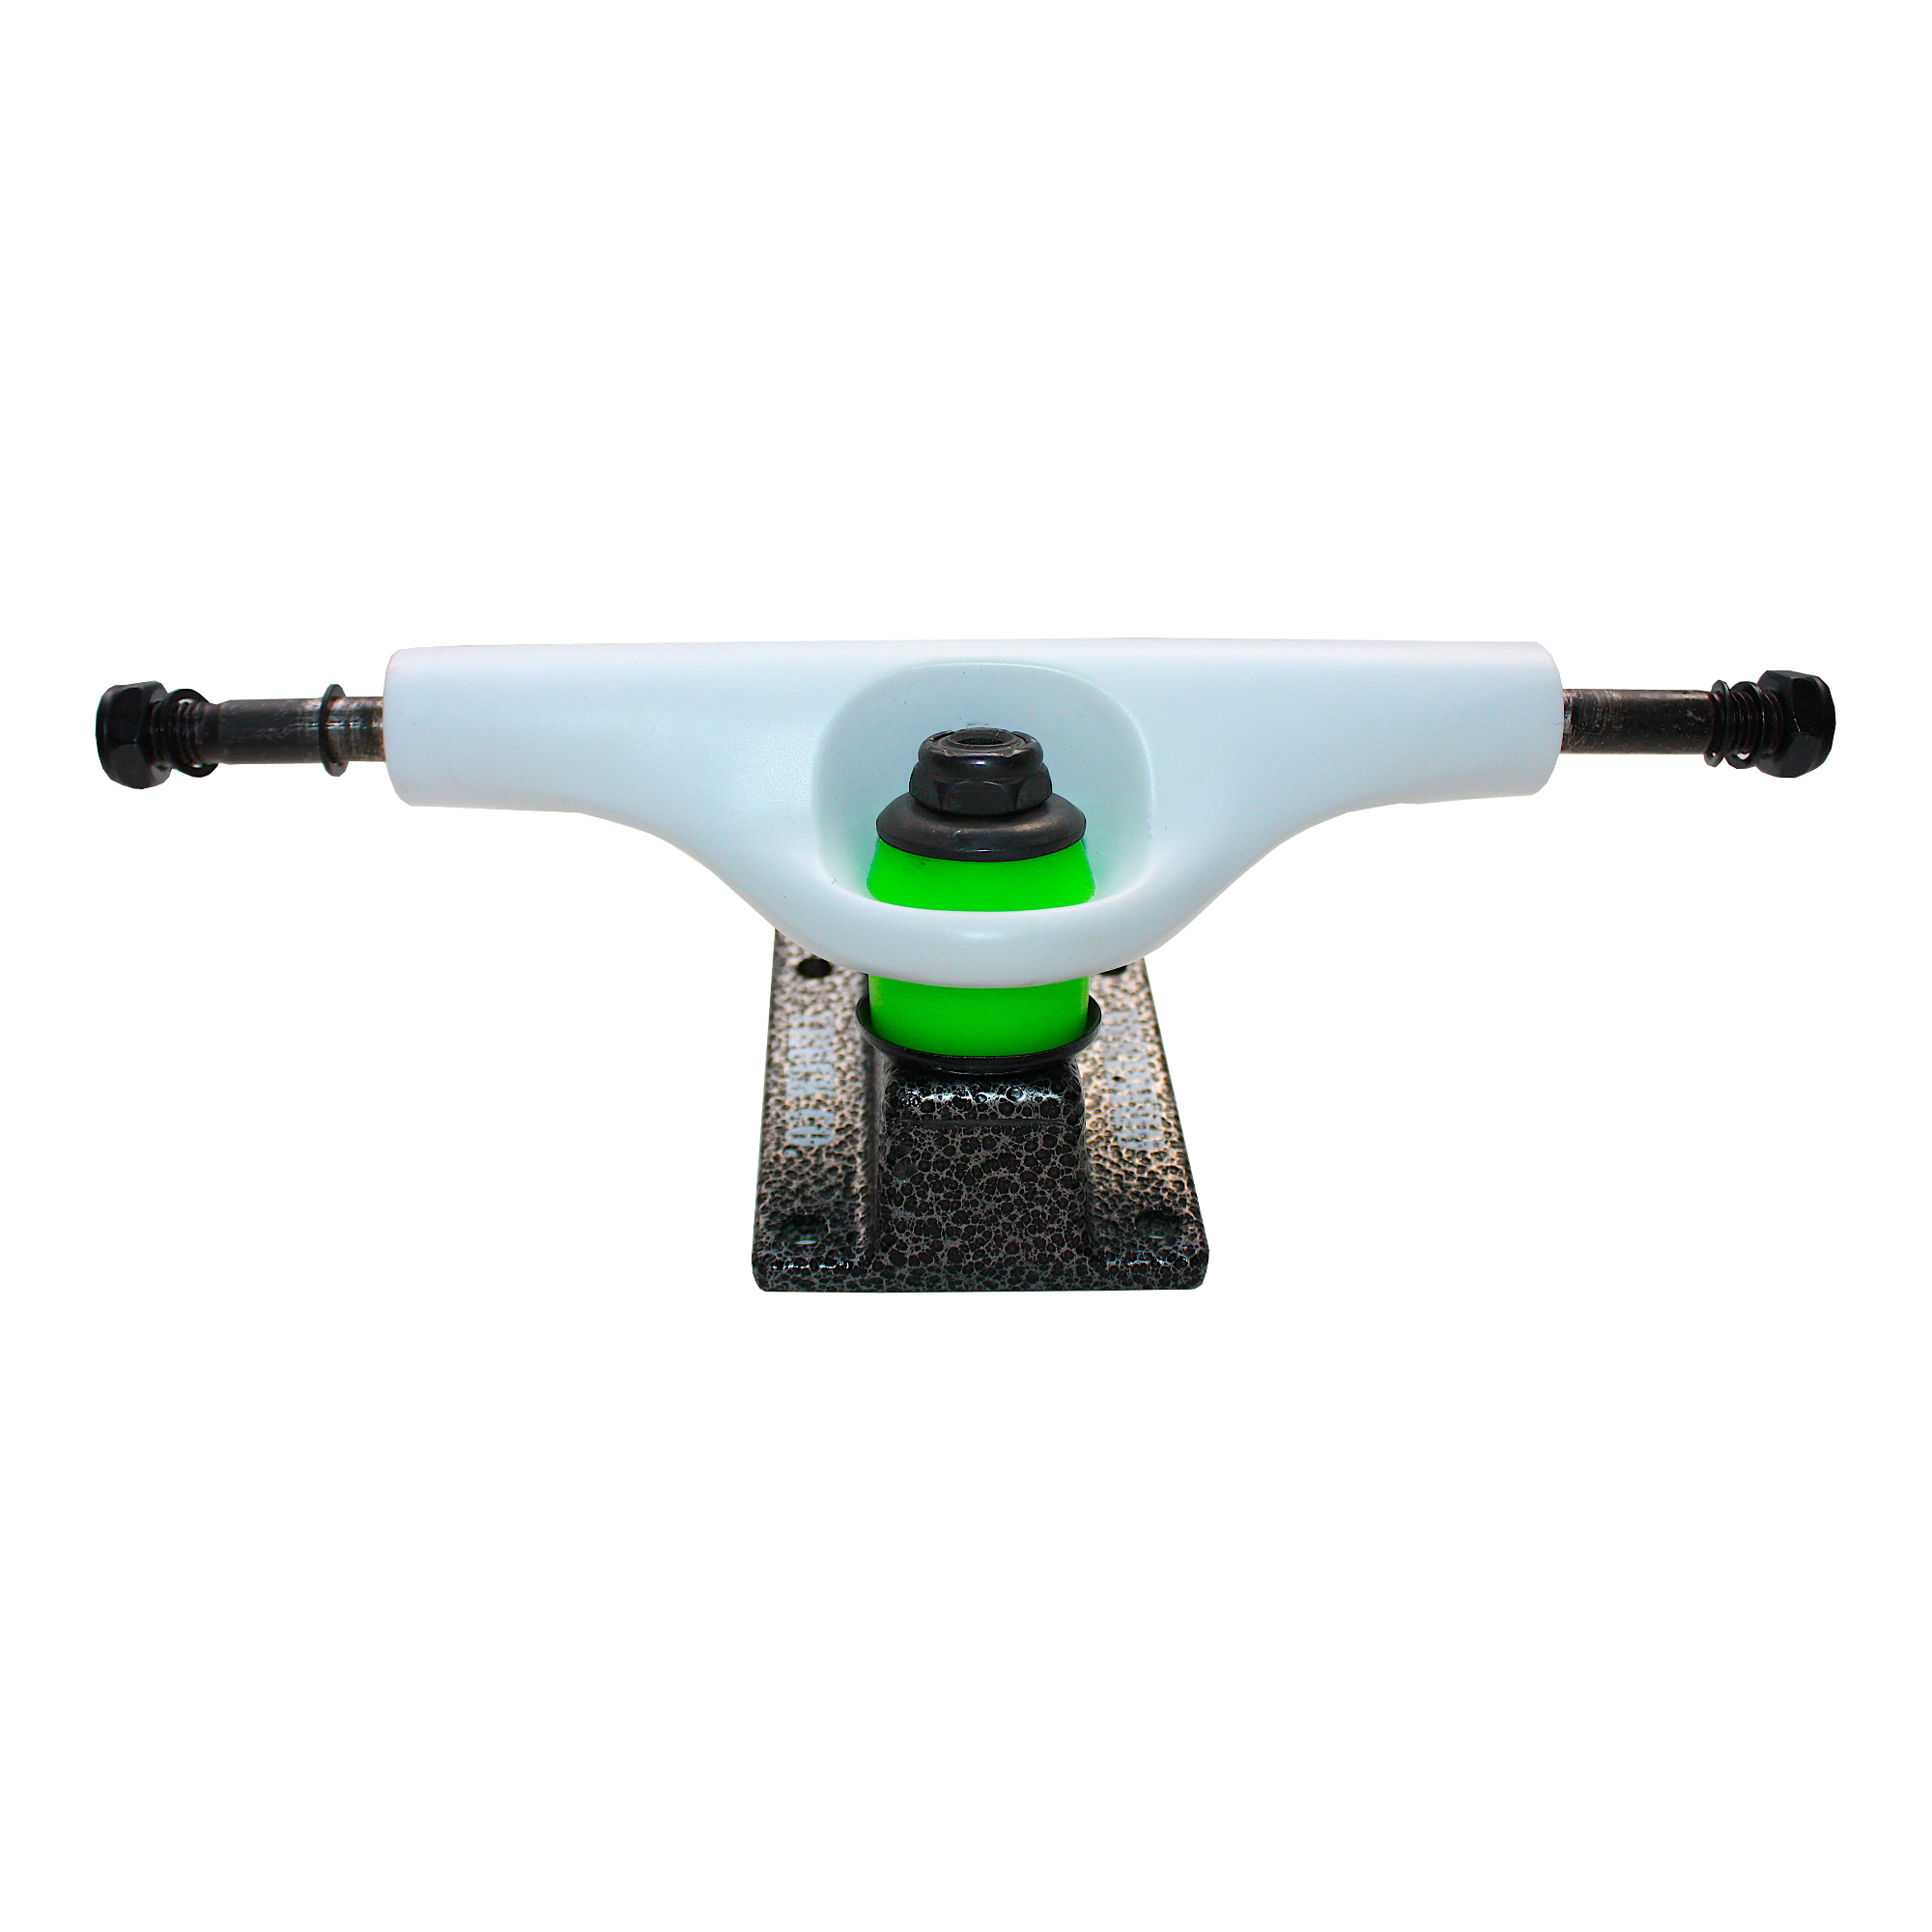 Подвески для скейта ORIGINAL TRUCKS CO. (White-Black)